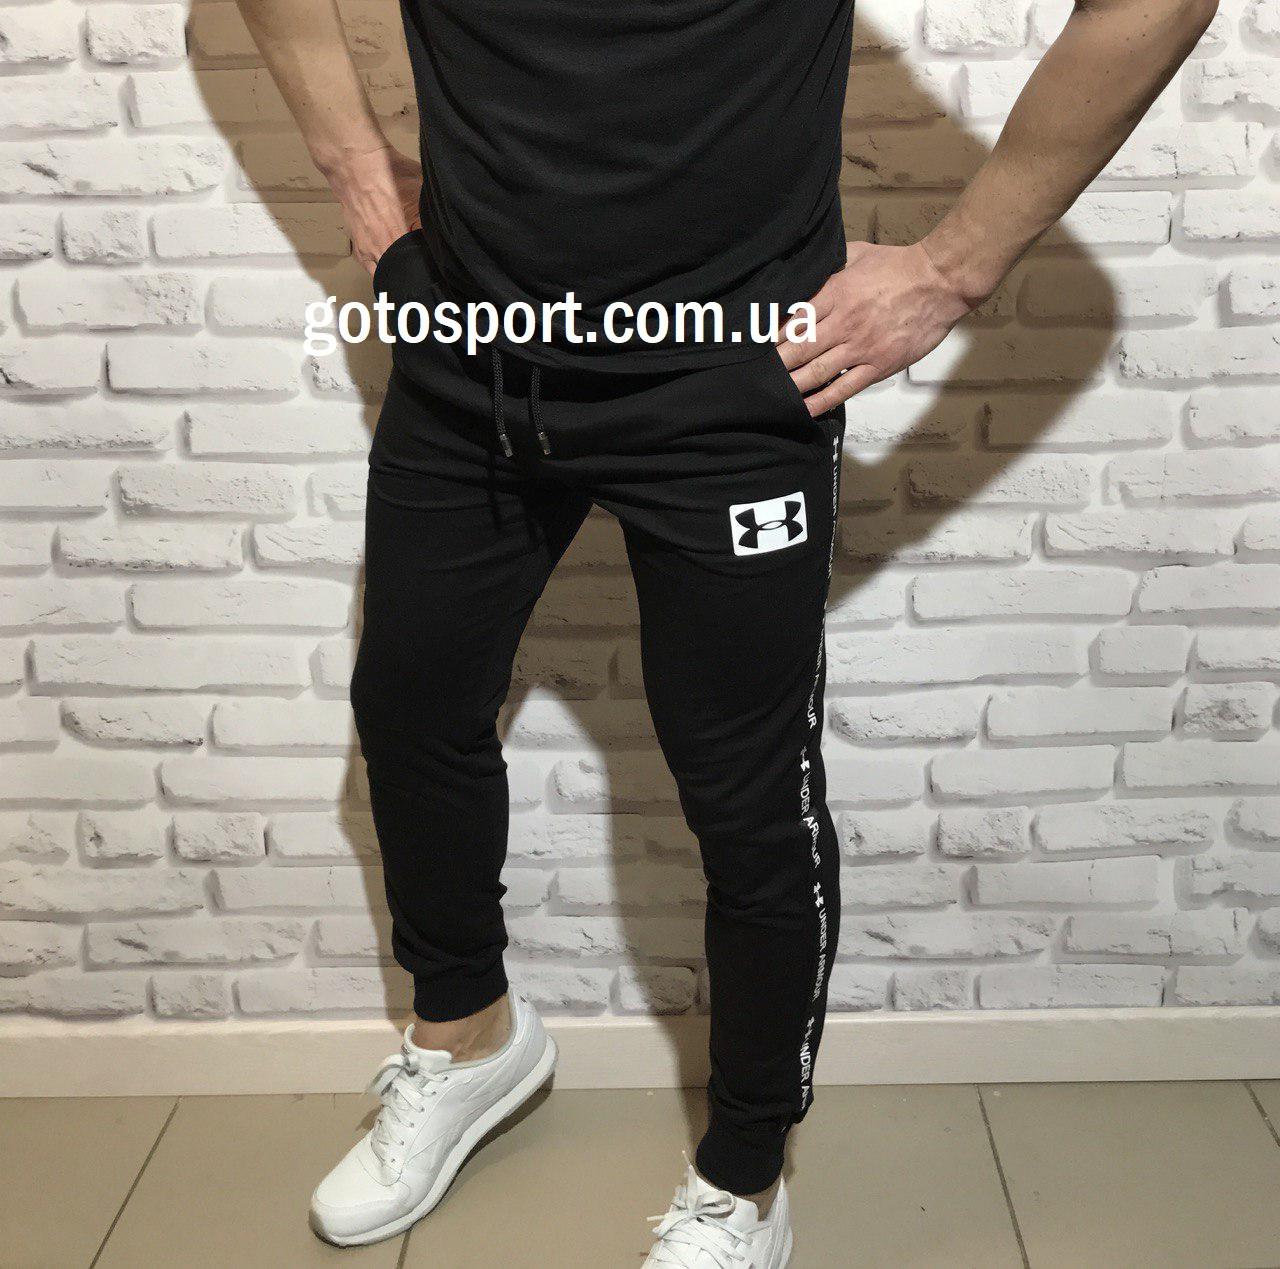 Мужские спортивные штаны Under Armour Band